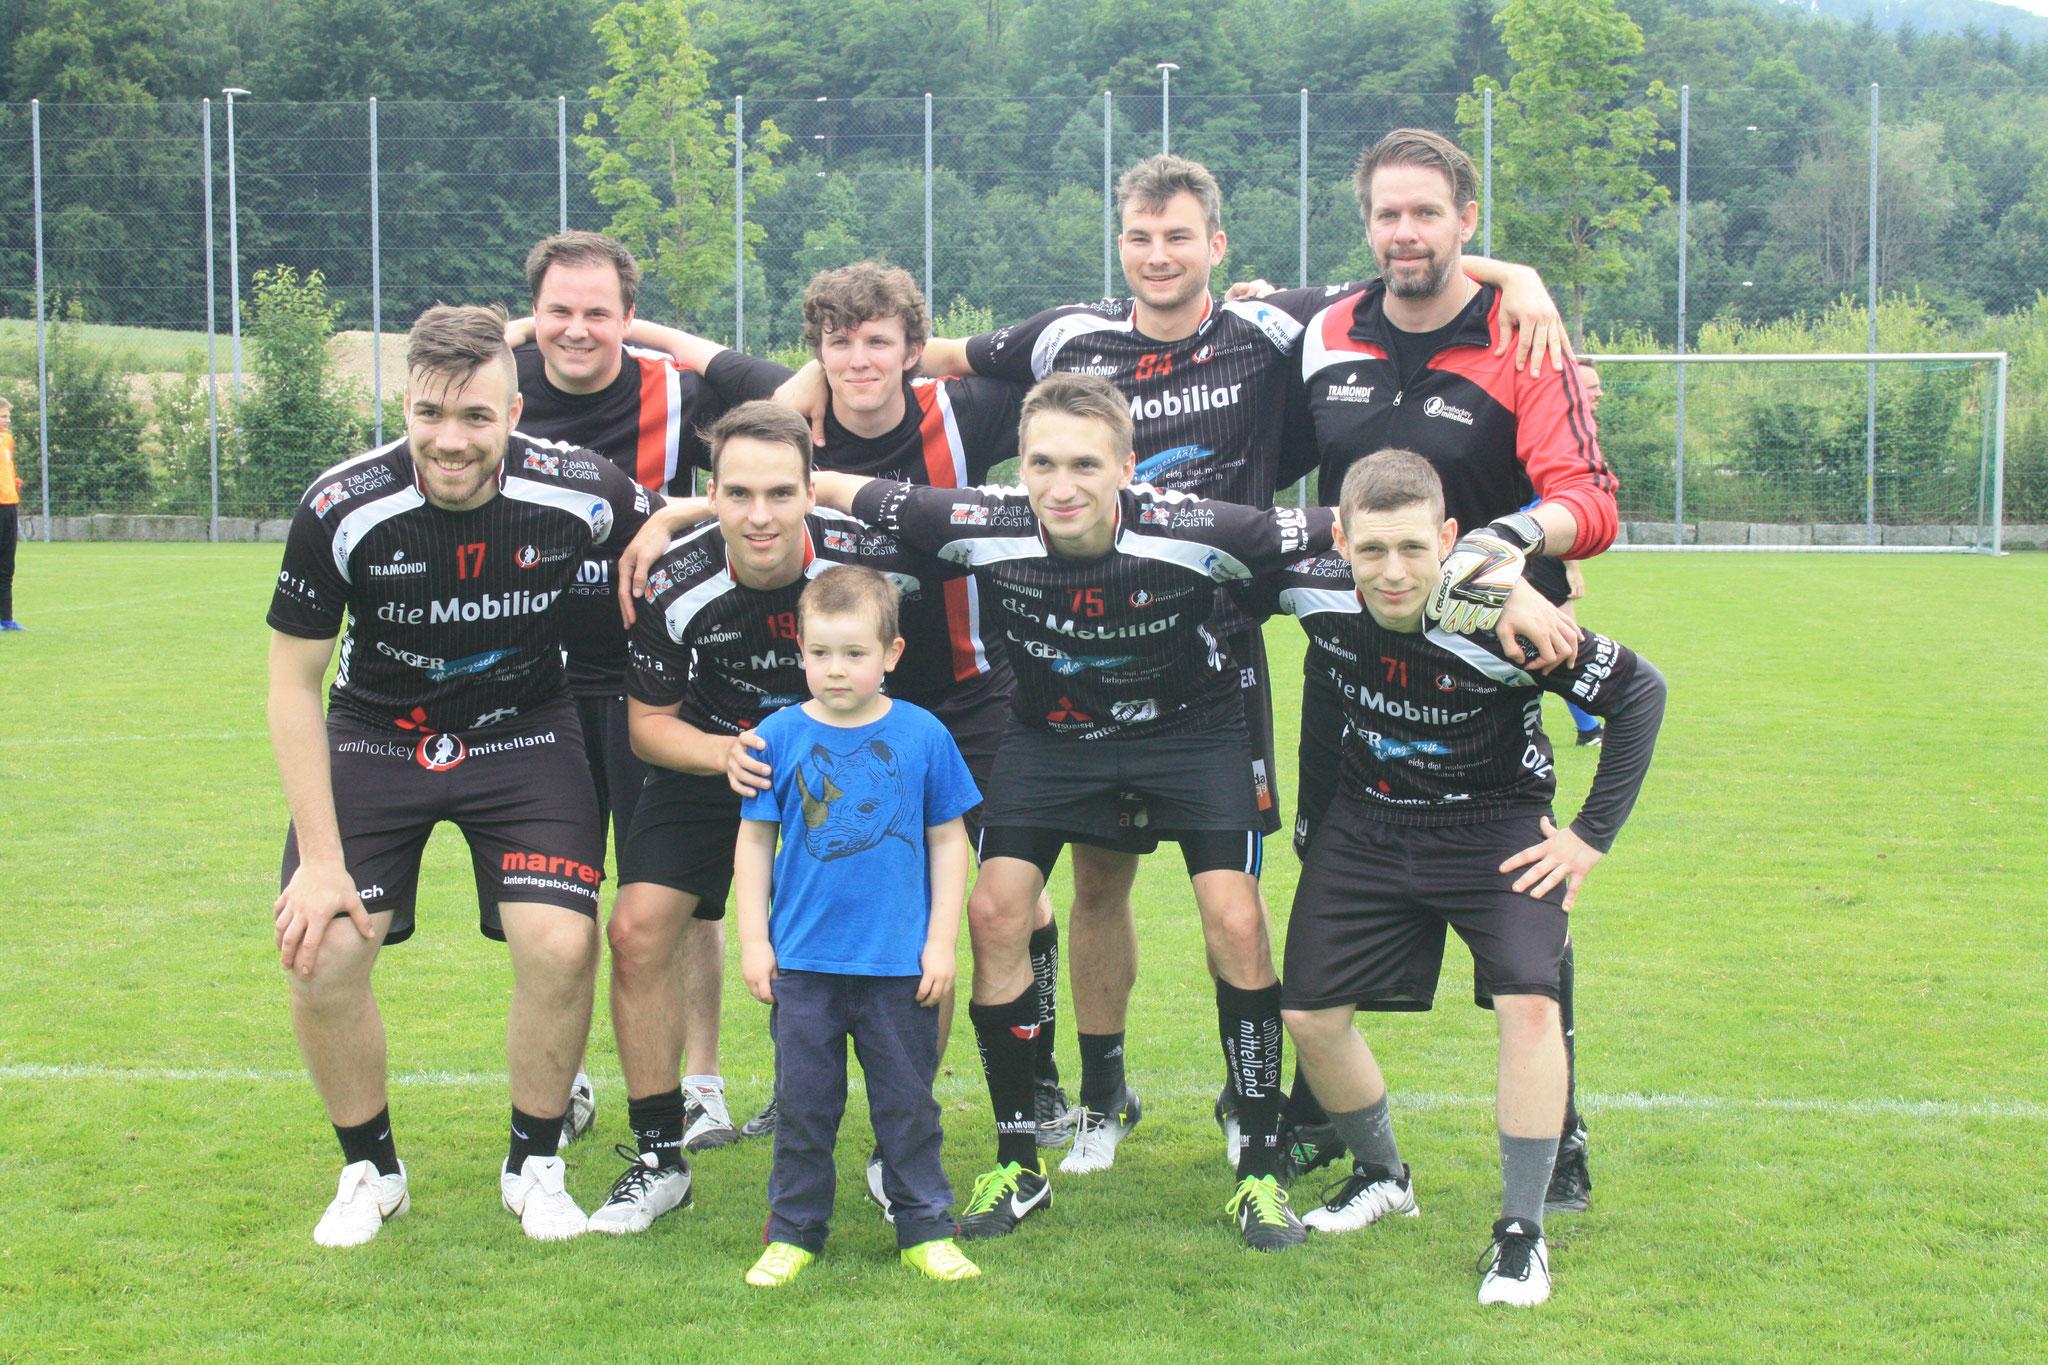 Unihockey Club Mittelland